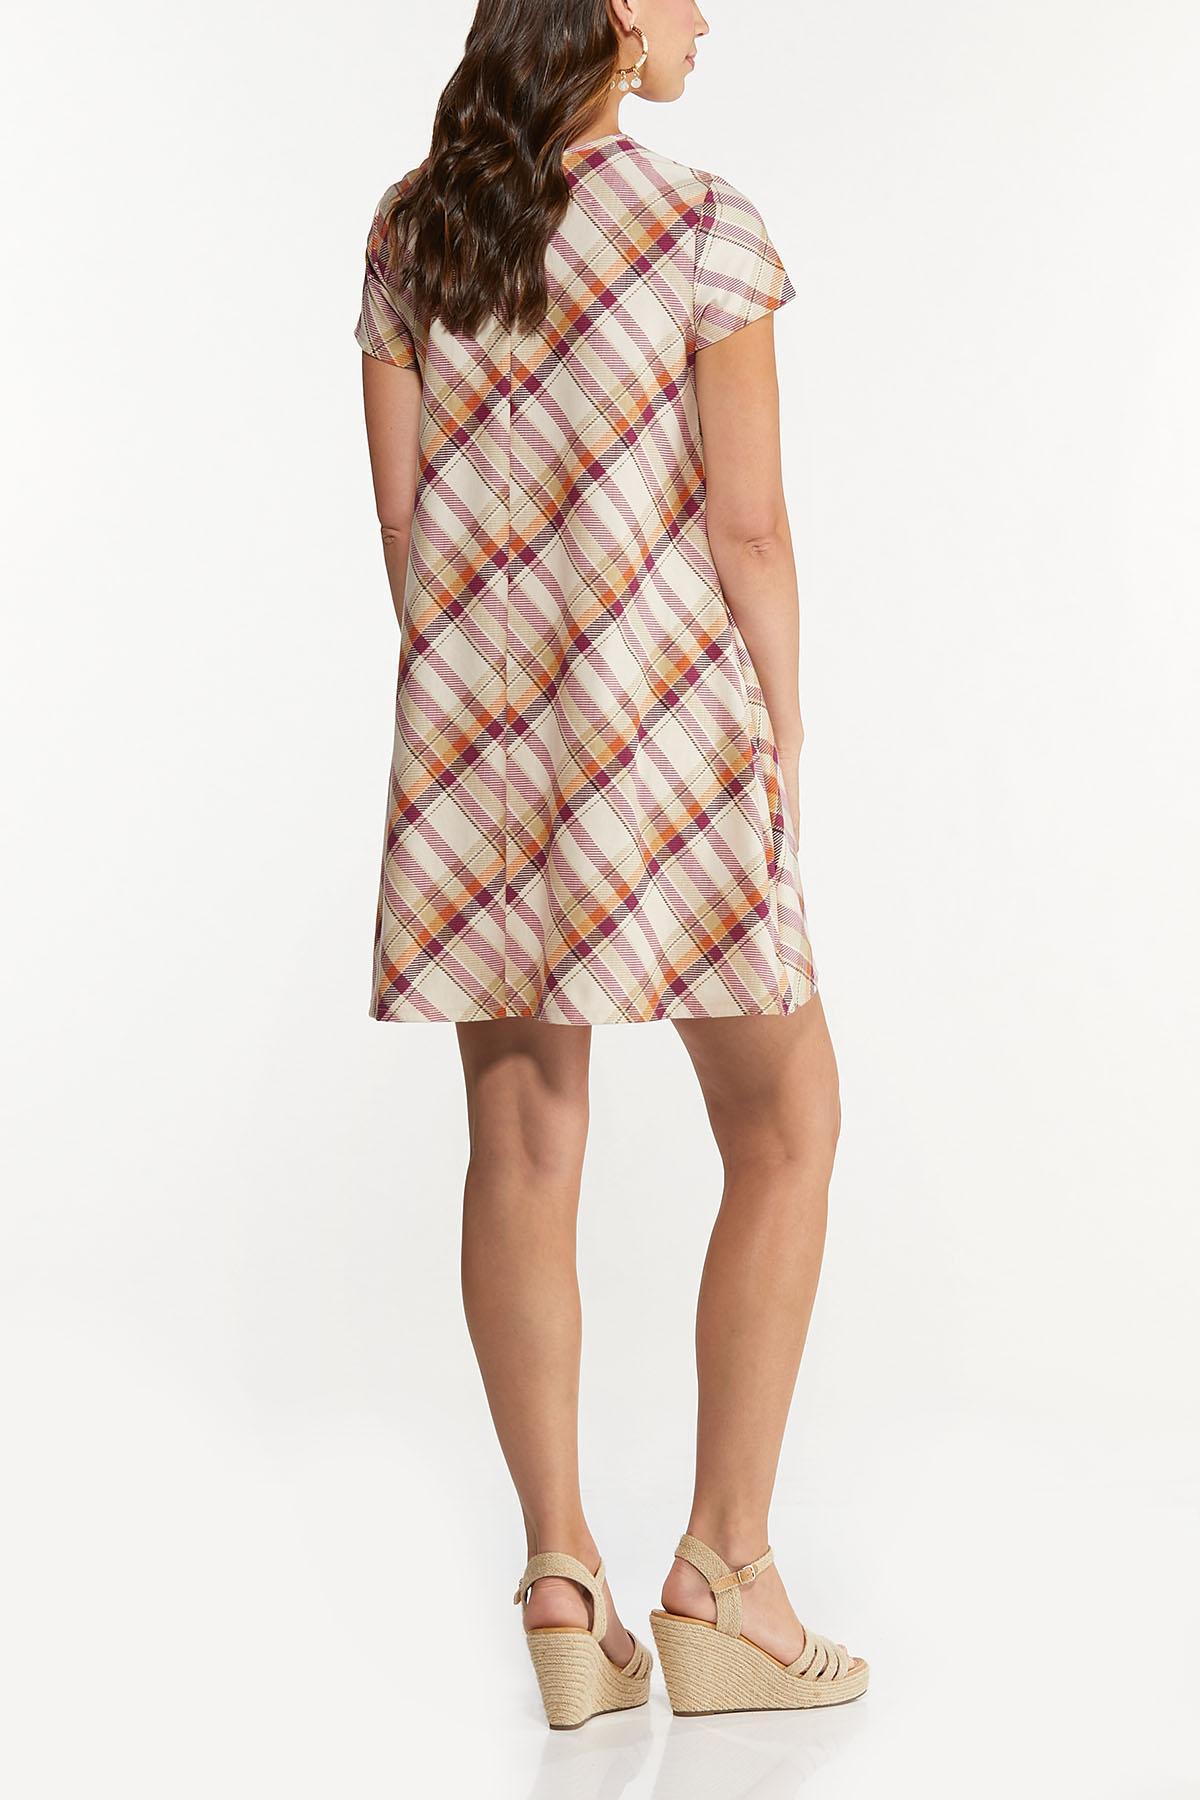 Plus Size Ombre Plaid Swing Dress (Item #44729332)